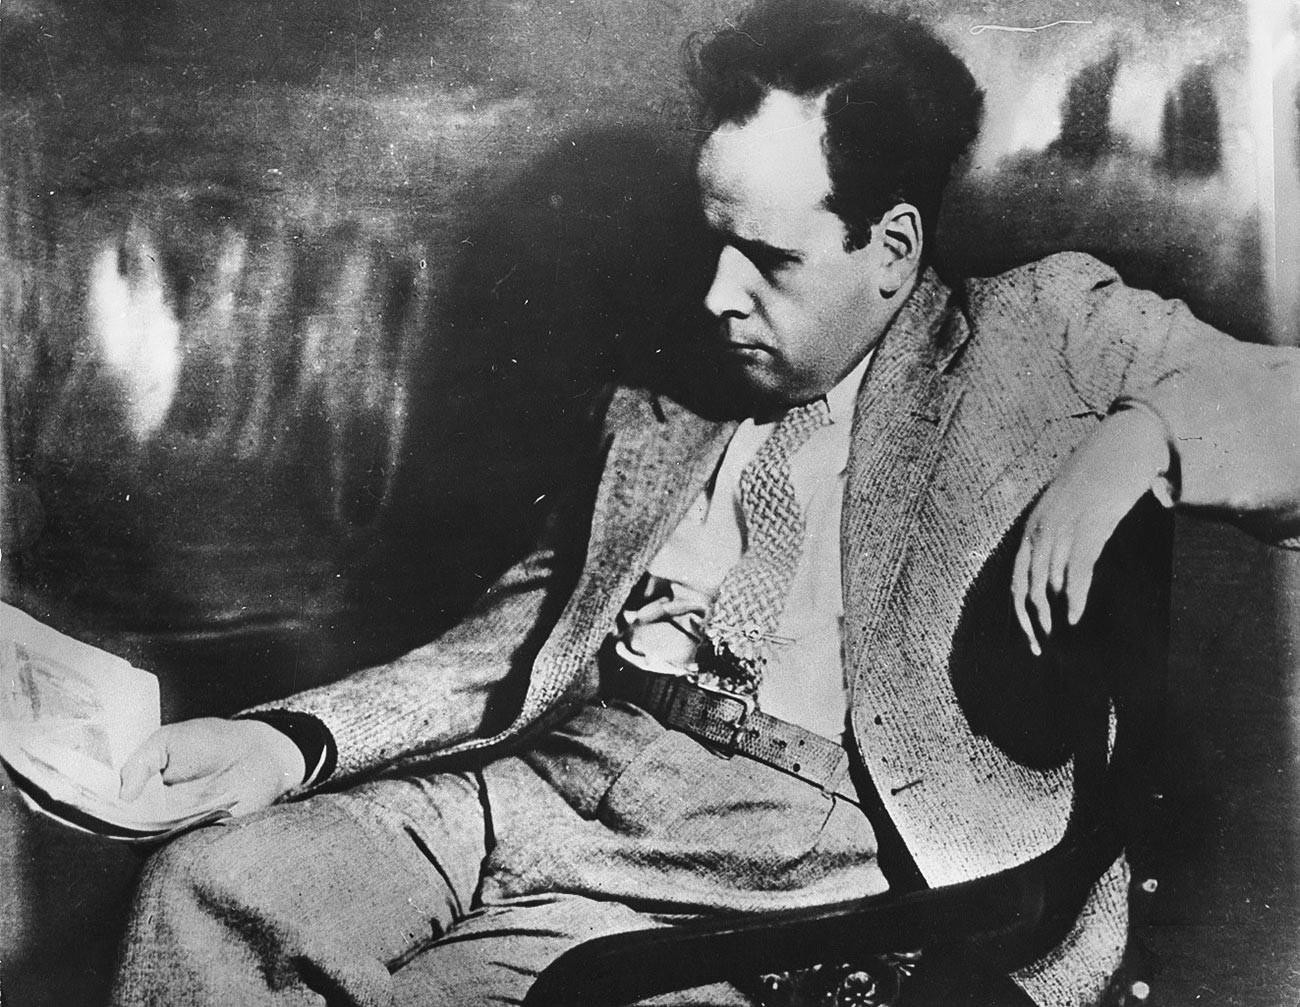 Legendary Soviet movie director Sergei Eizenstein, 1930s